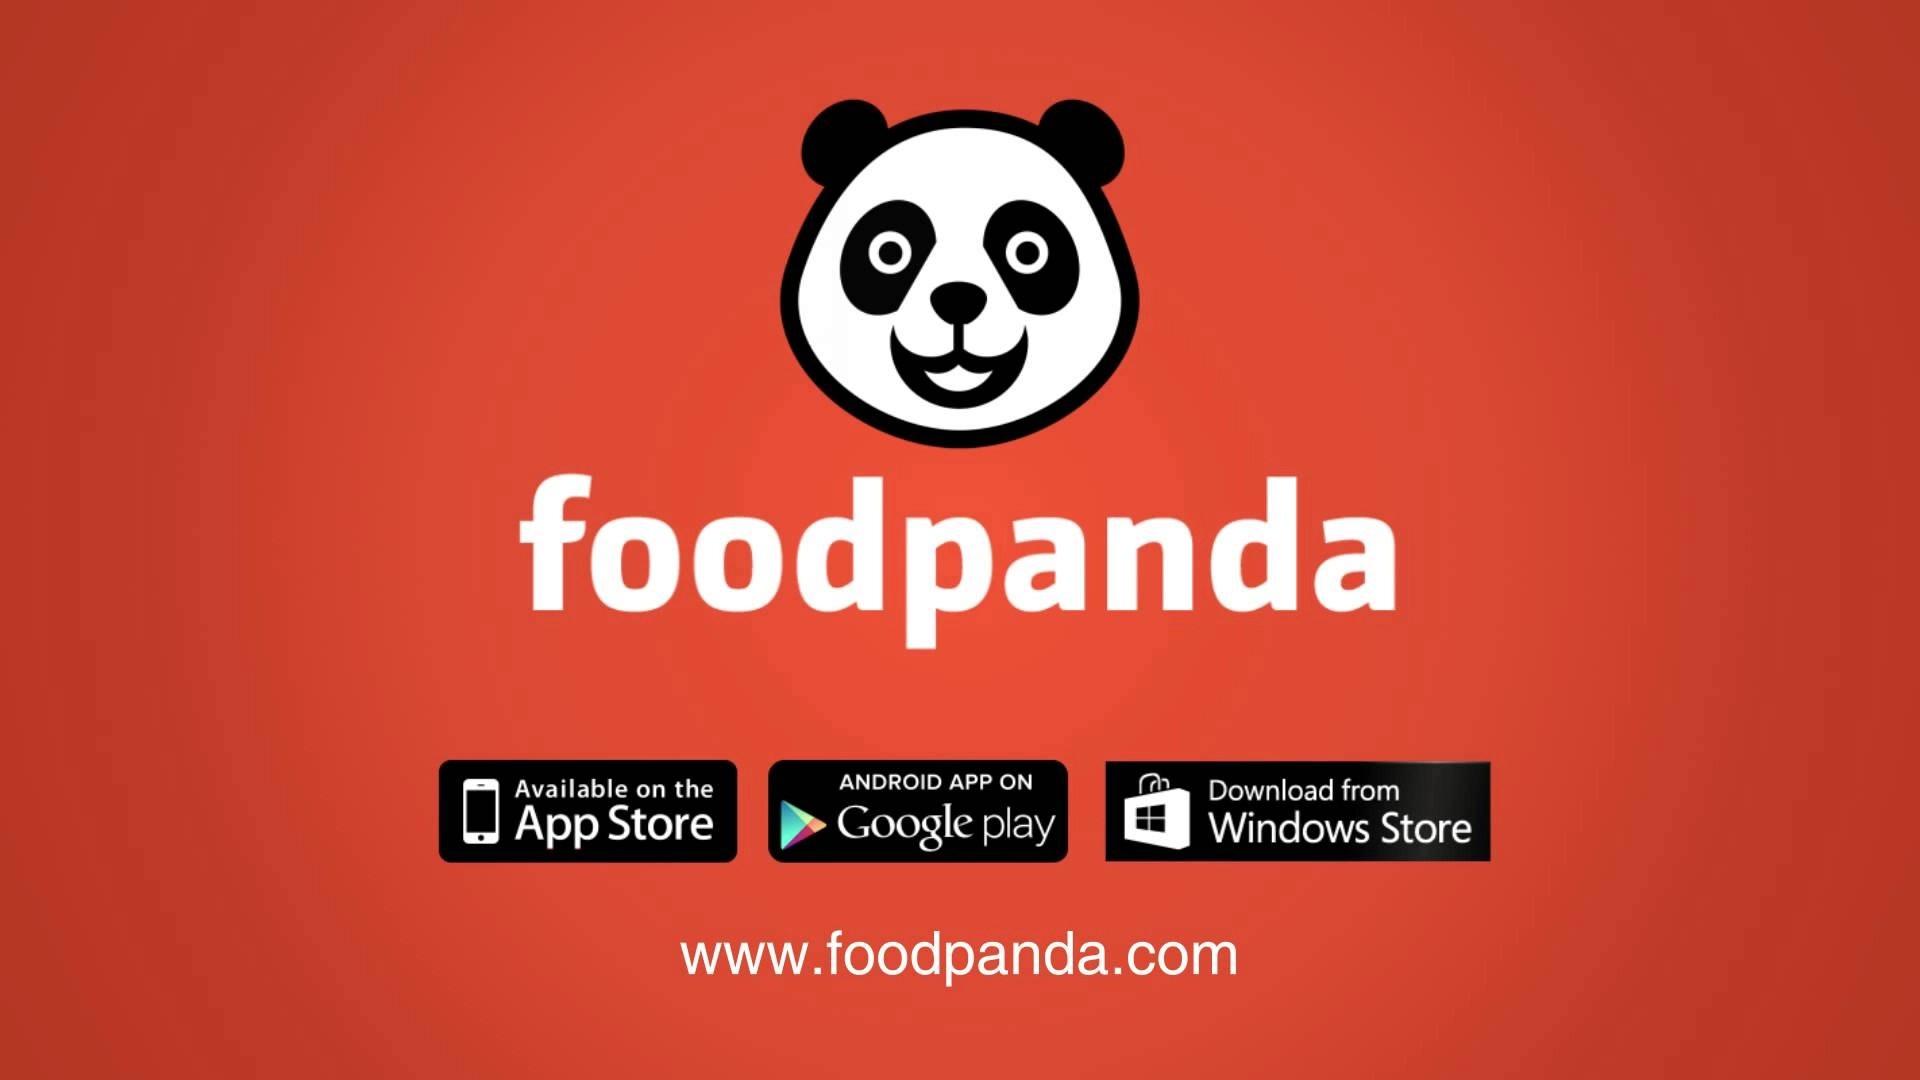 FoodPanda: First Look